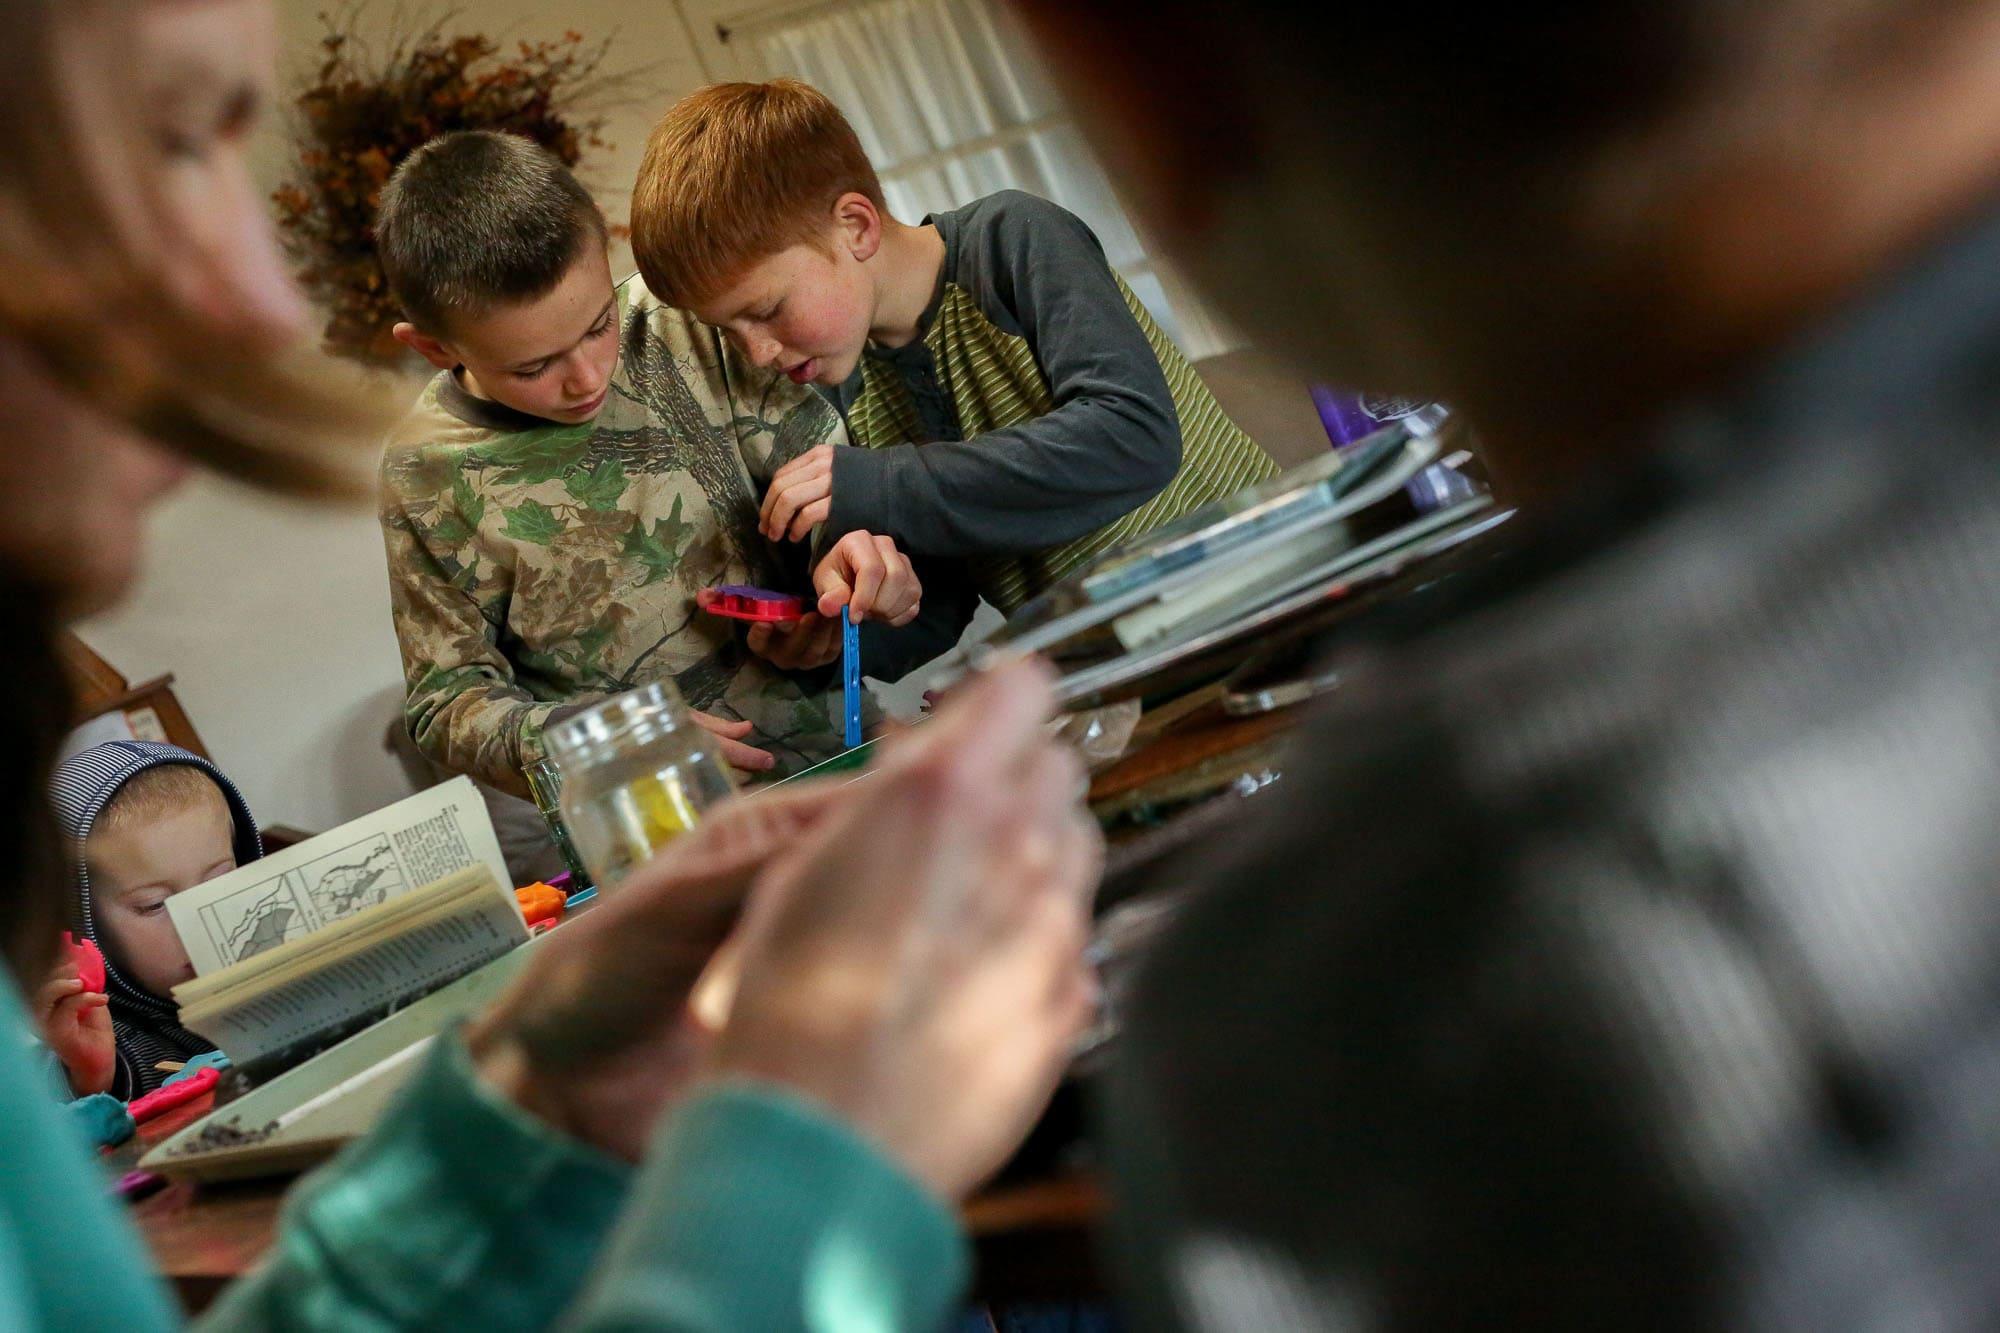 Home schooling in Texas